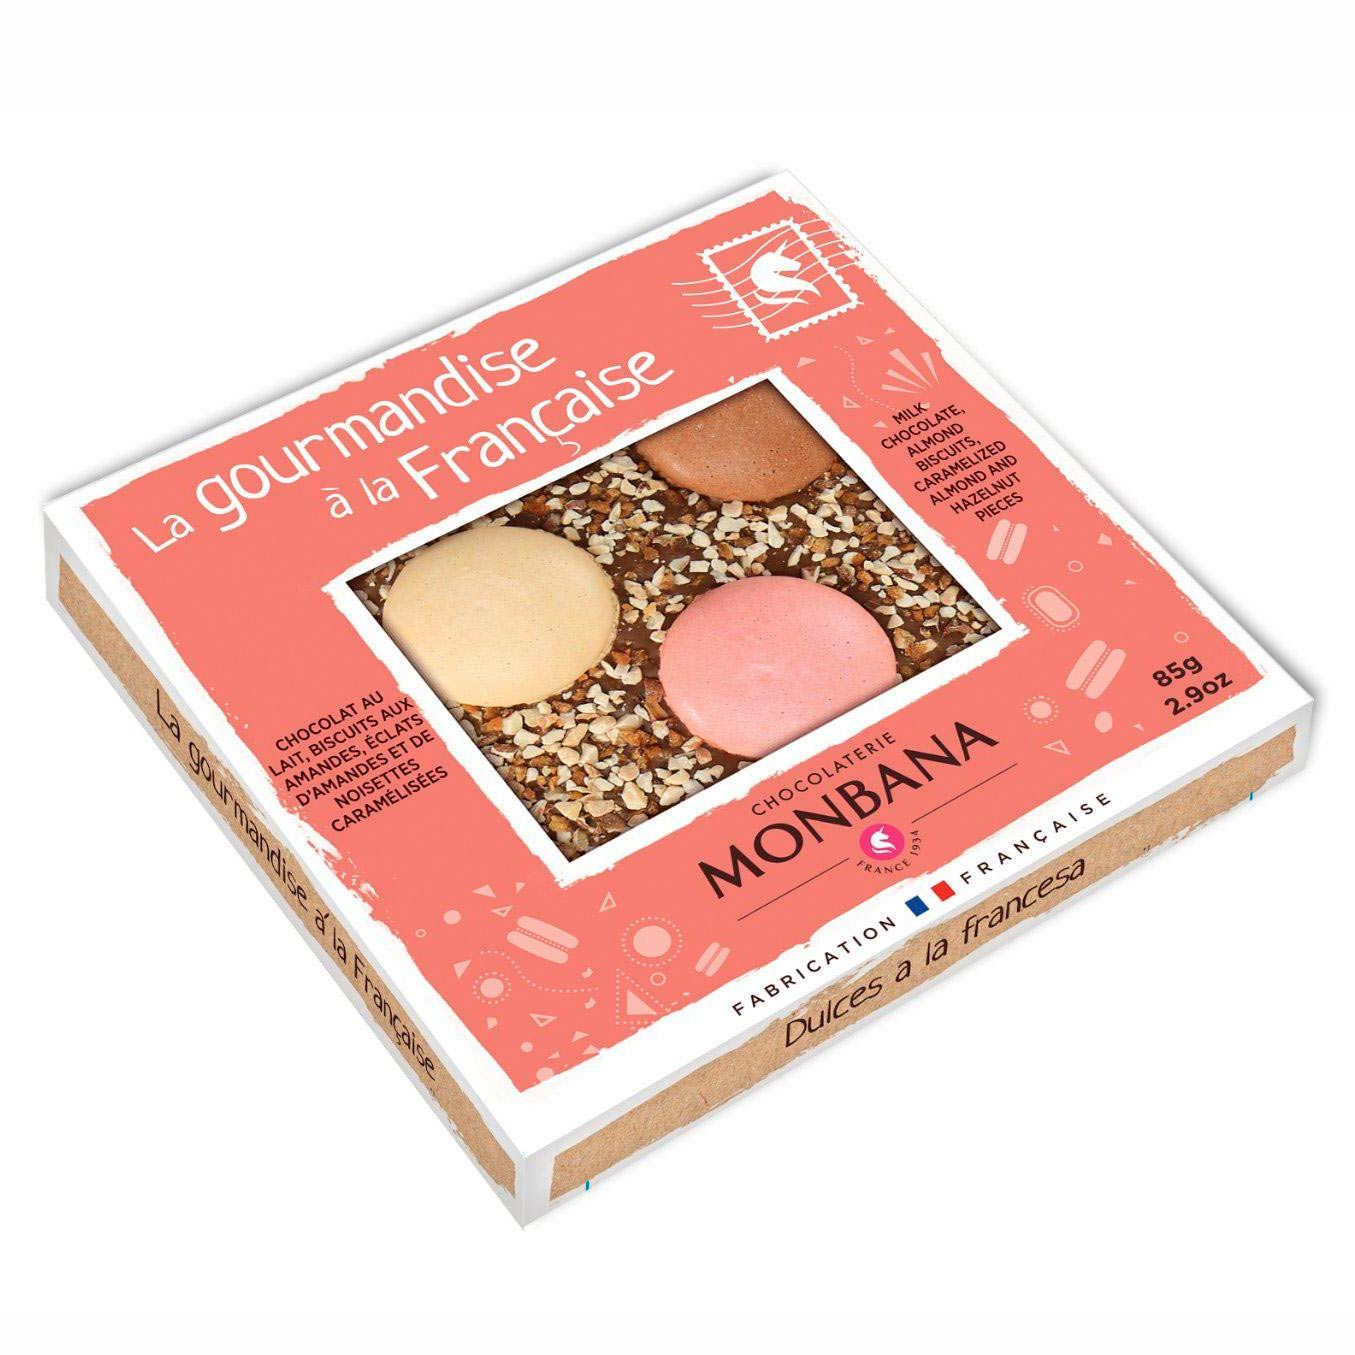 Tablette de chocolat incrustée de macarons - La Parisienne